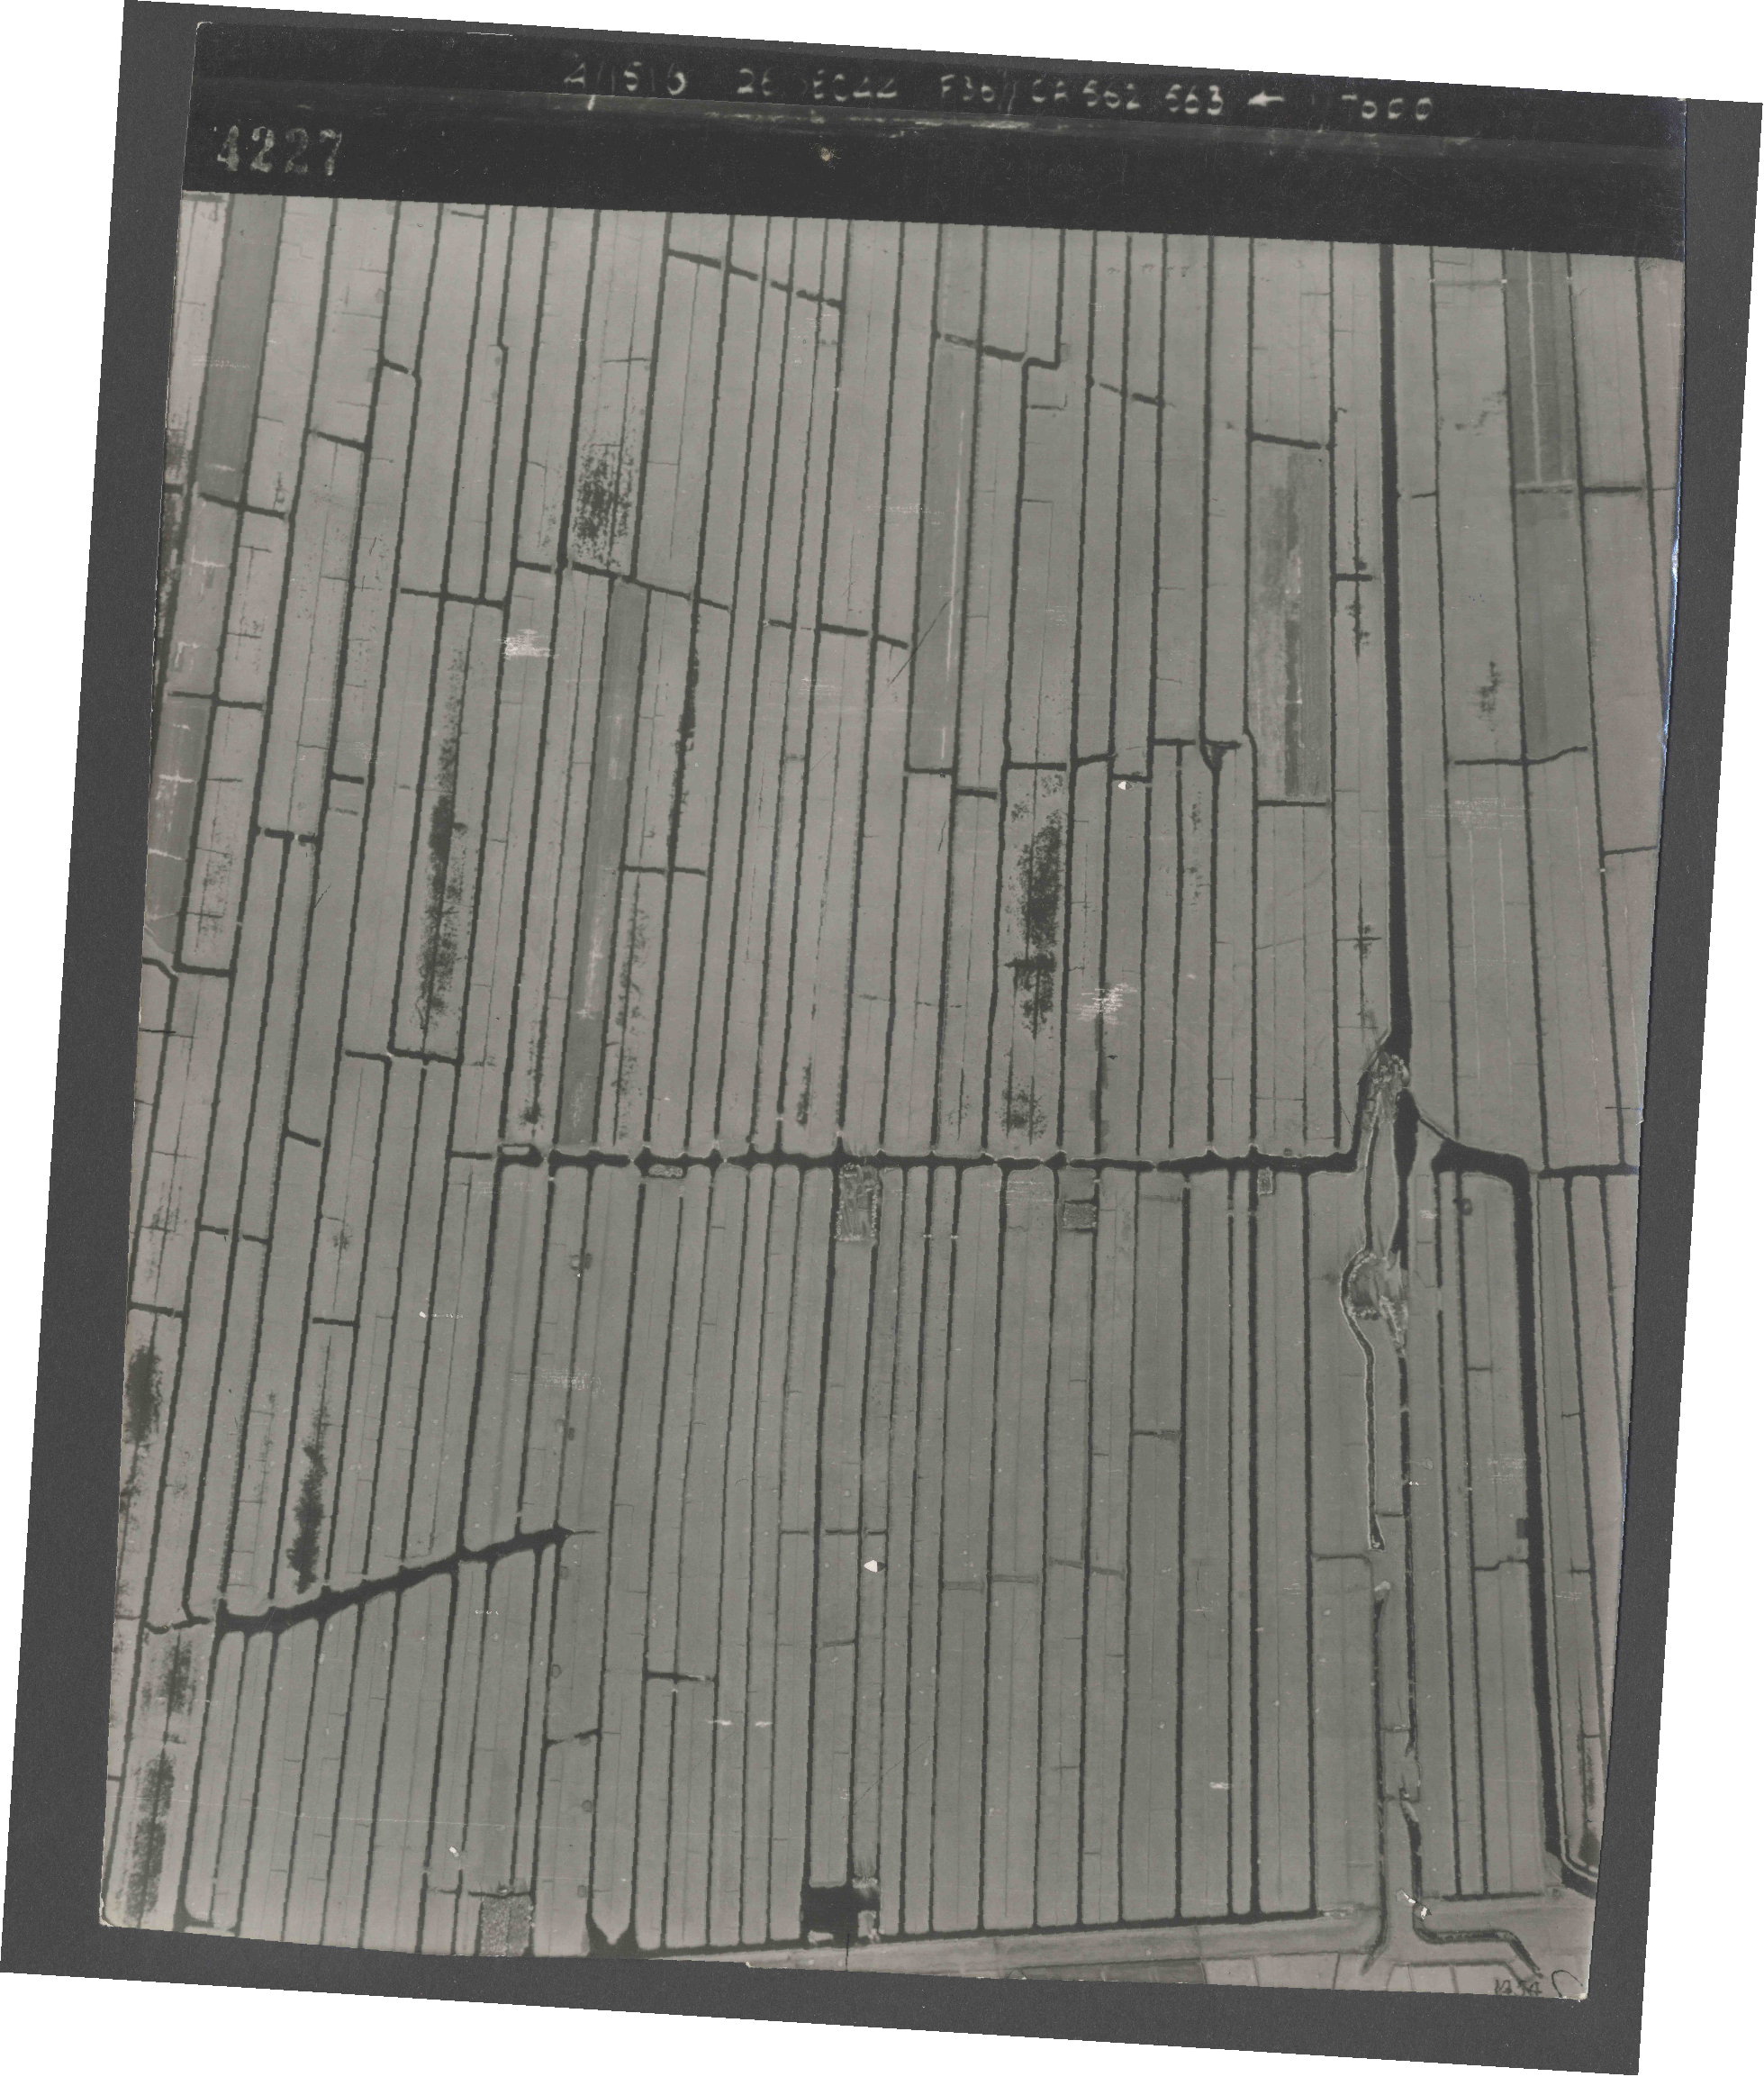 Collection RAF aerial photos 1940-1945 - flight 152, run 07, photo 4227